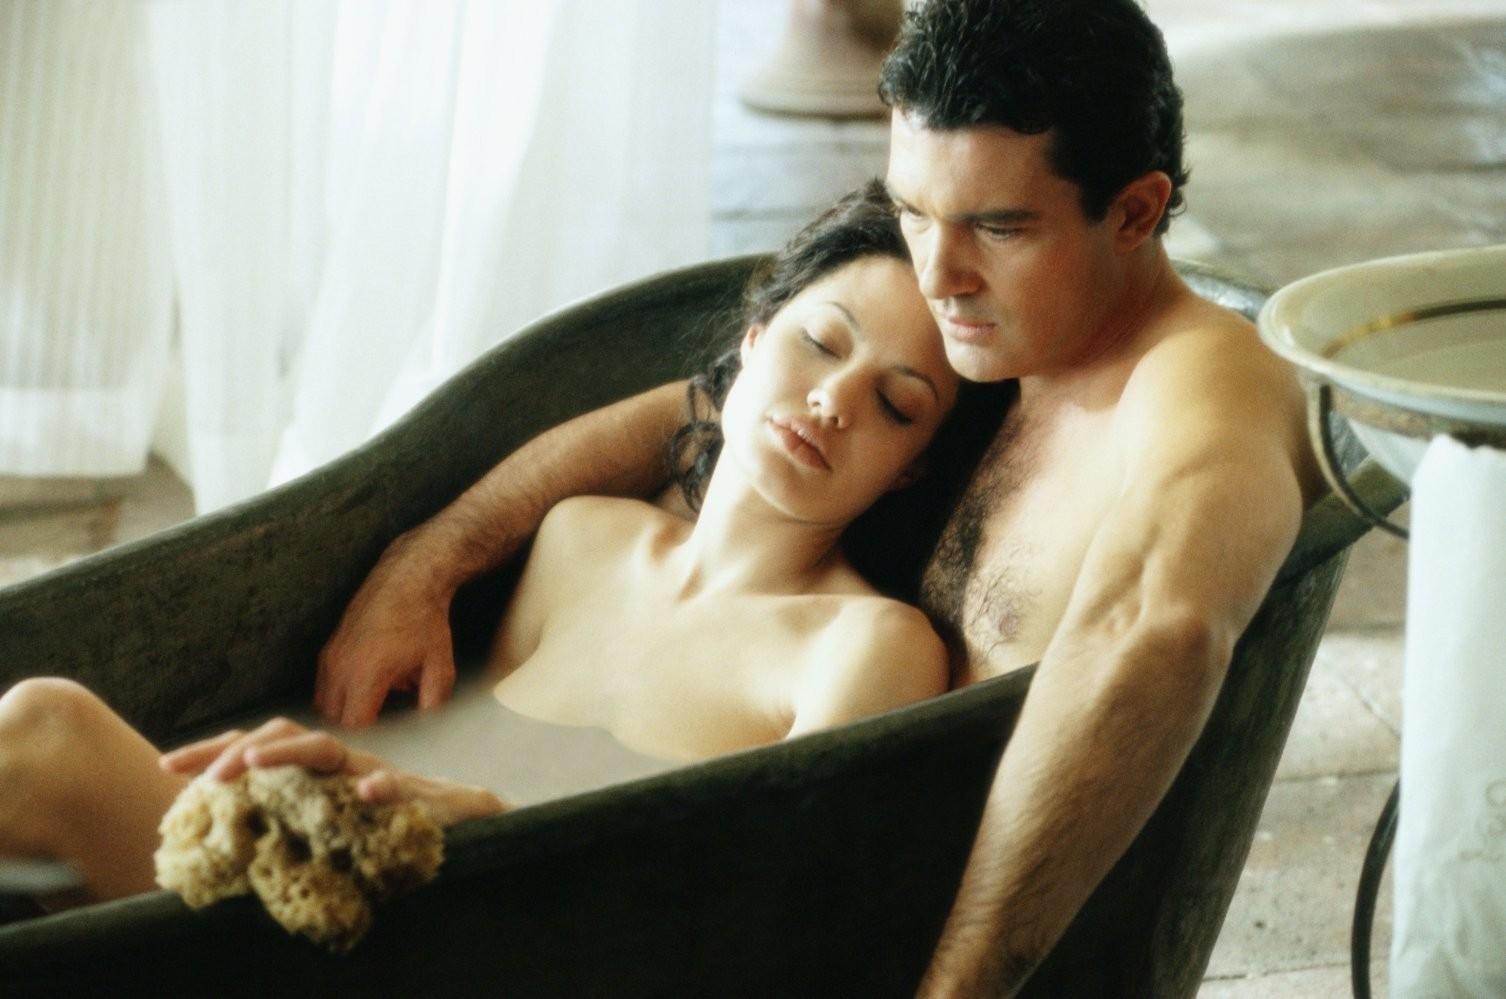 смотреть секс фильмы с белладонной онлайн бесплатно